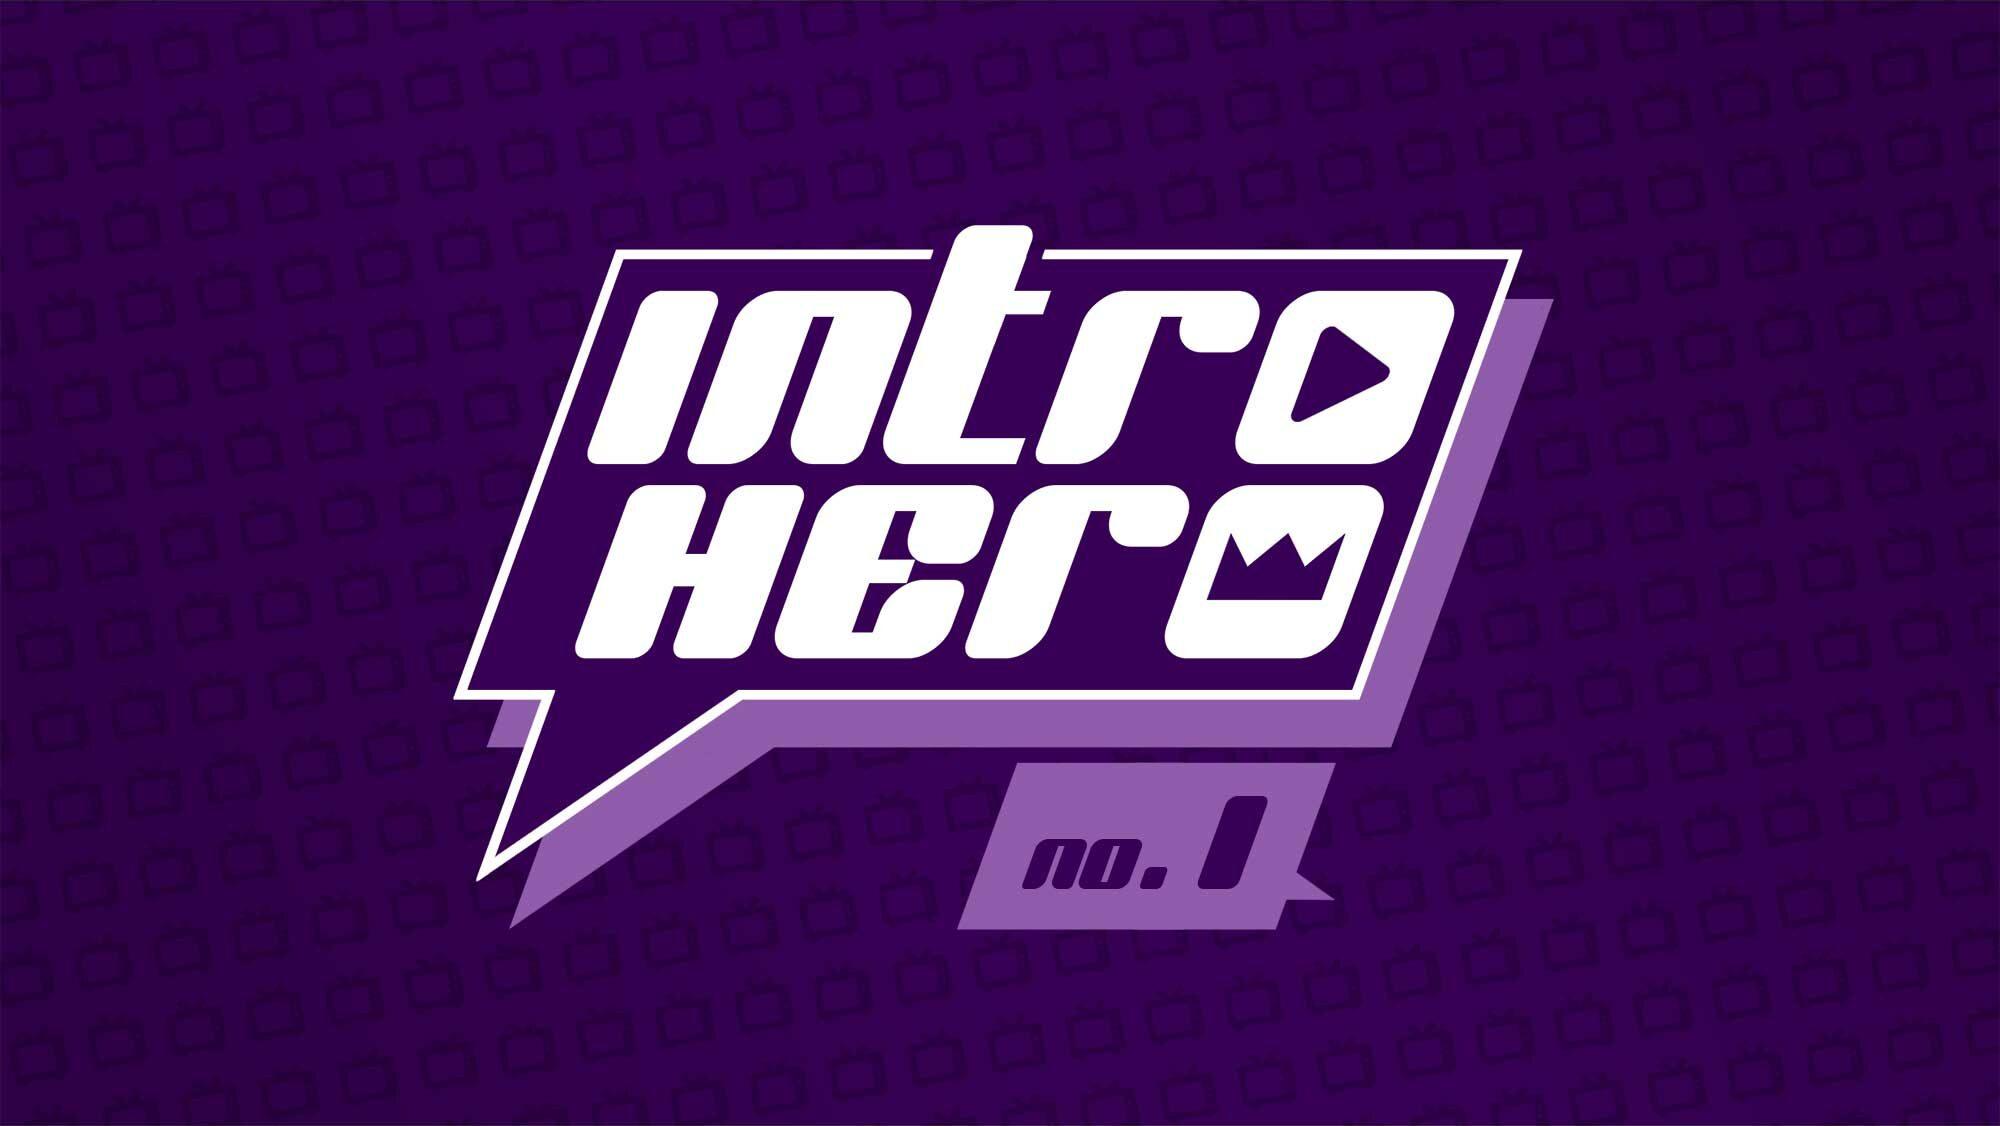 """""""Intro Hero"""" No. 1: Errate die nacherzählten Serien-Intros!"""